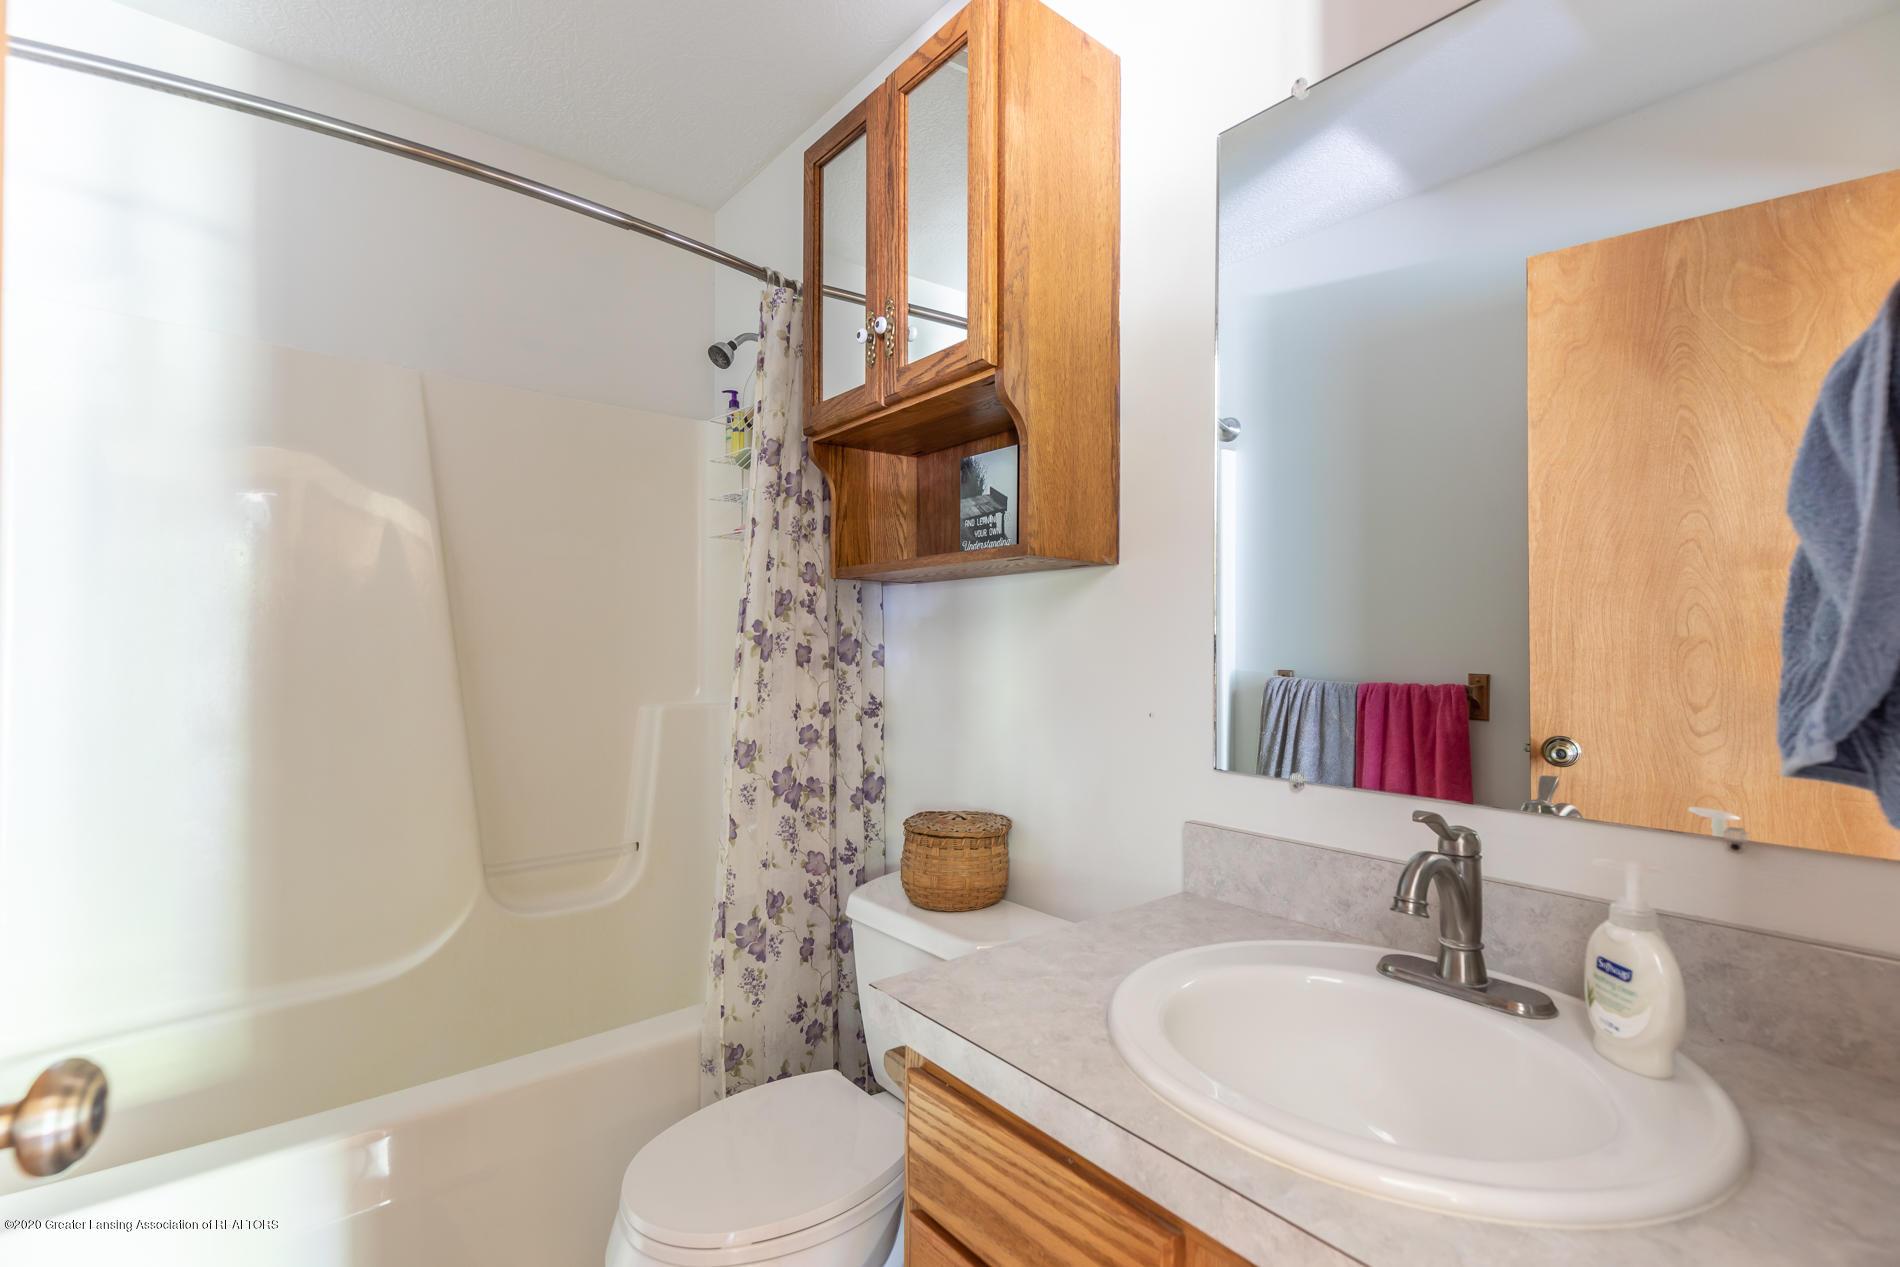 2229 S Chester Rd - Bathroom - 14